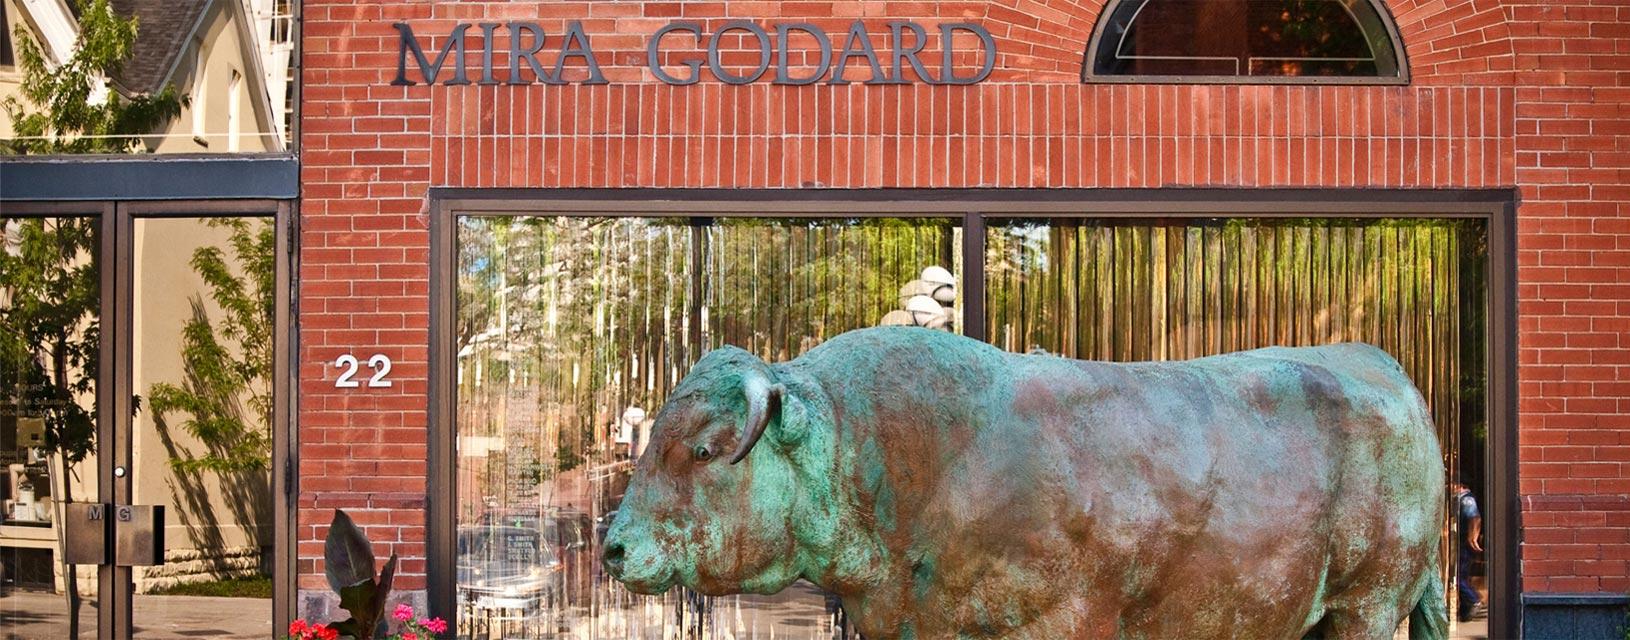 statue outside mira godard gallery